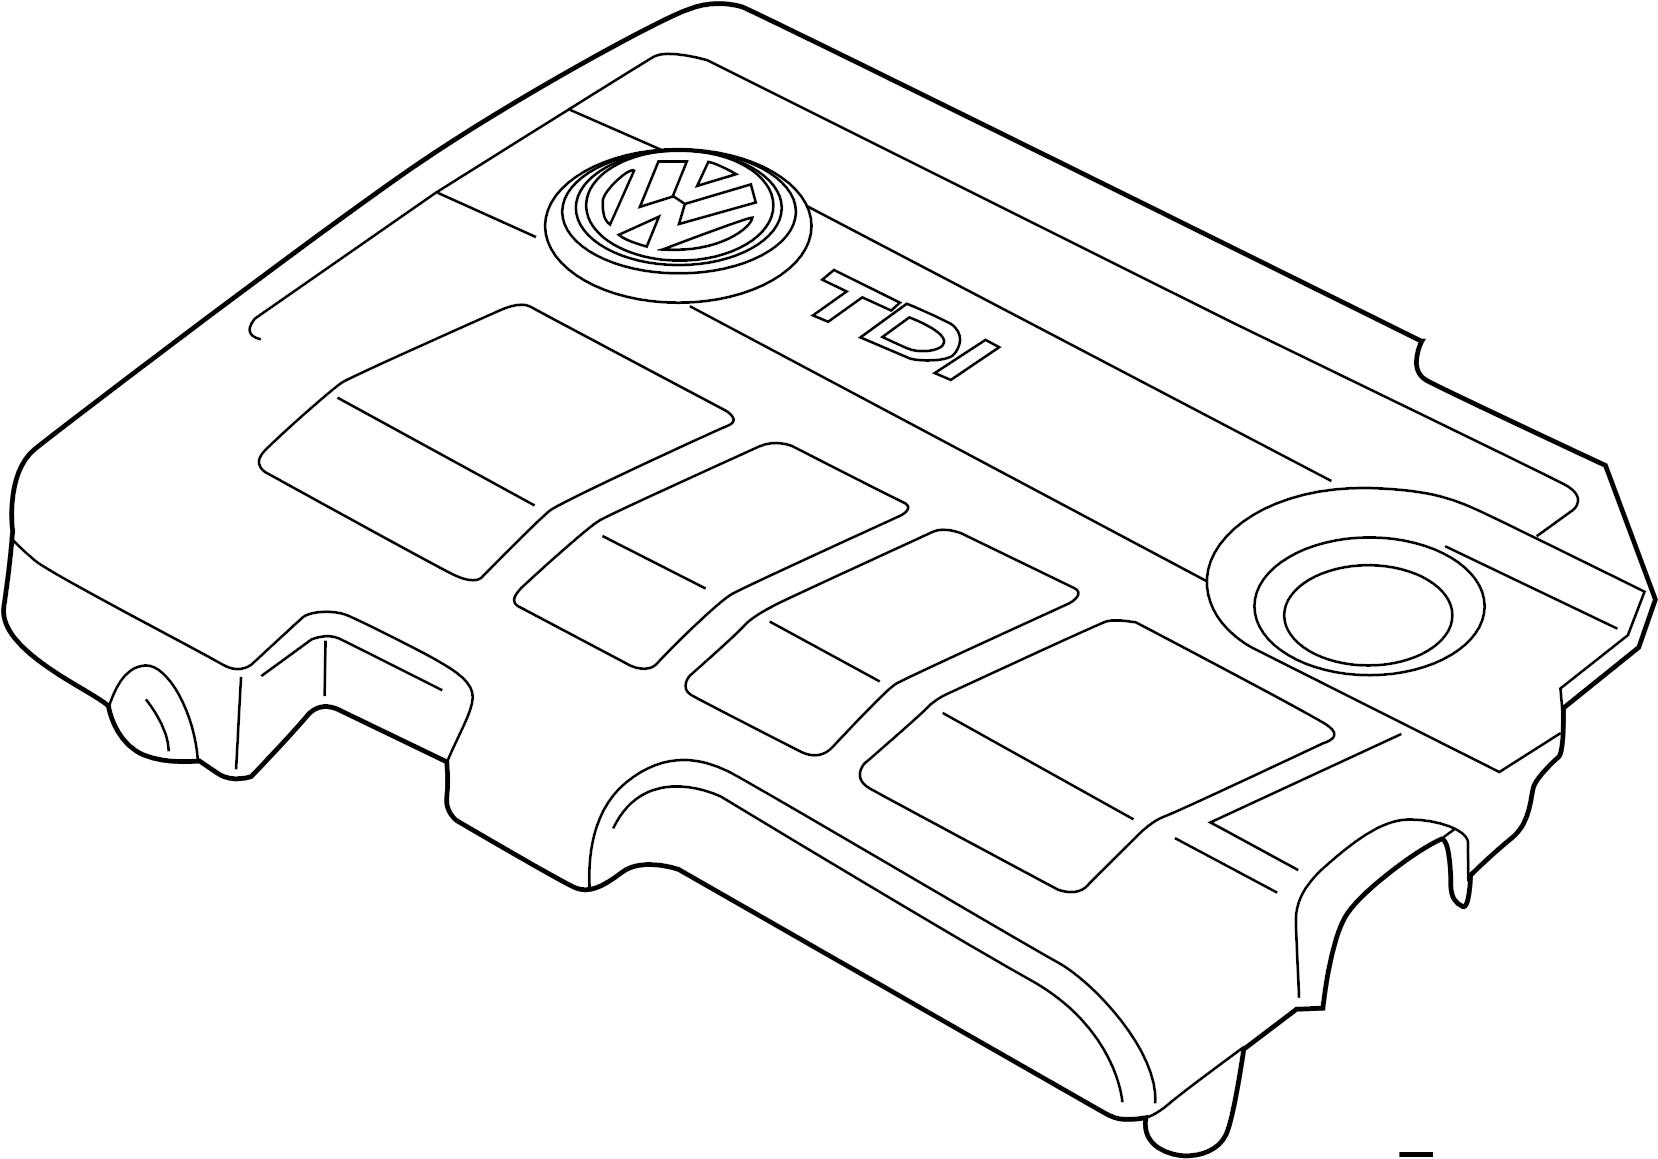 2013 Volkswagen Passat Engine cover. 2.0 LITER DIESEL 2012